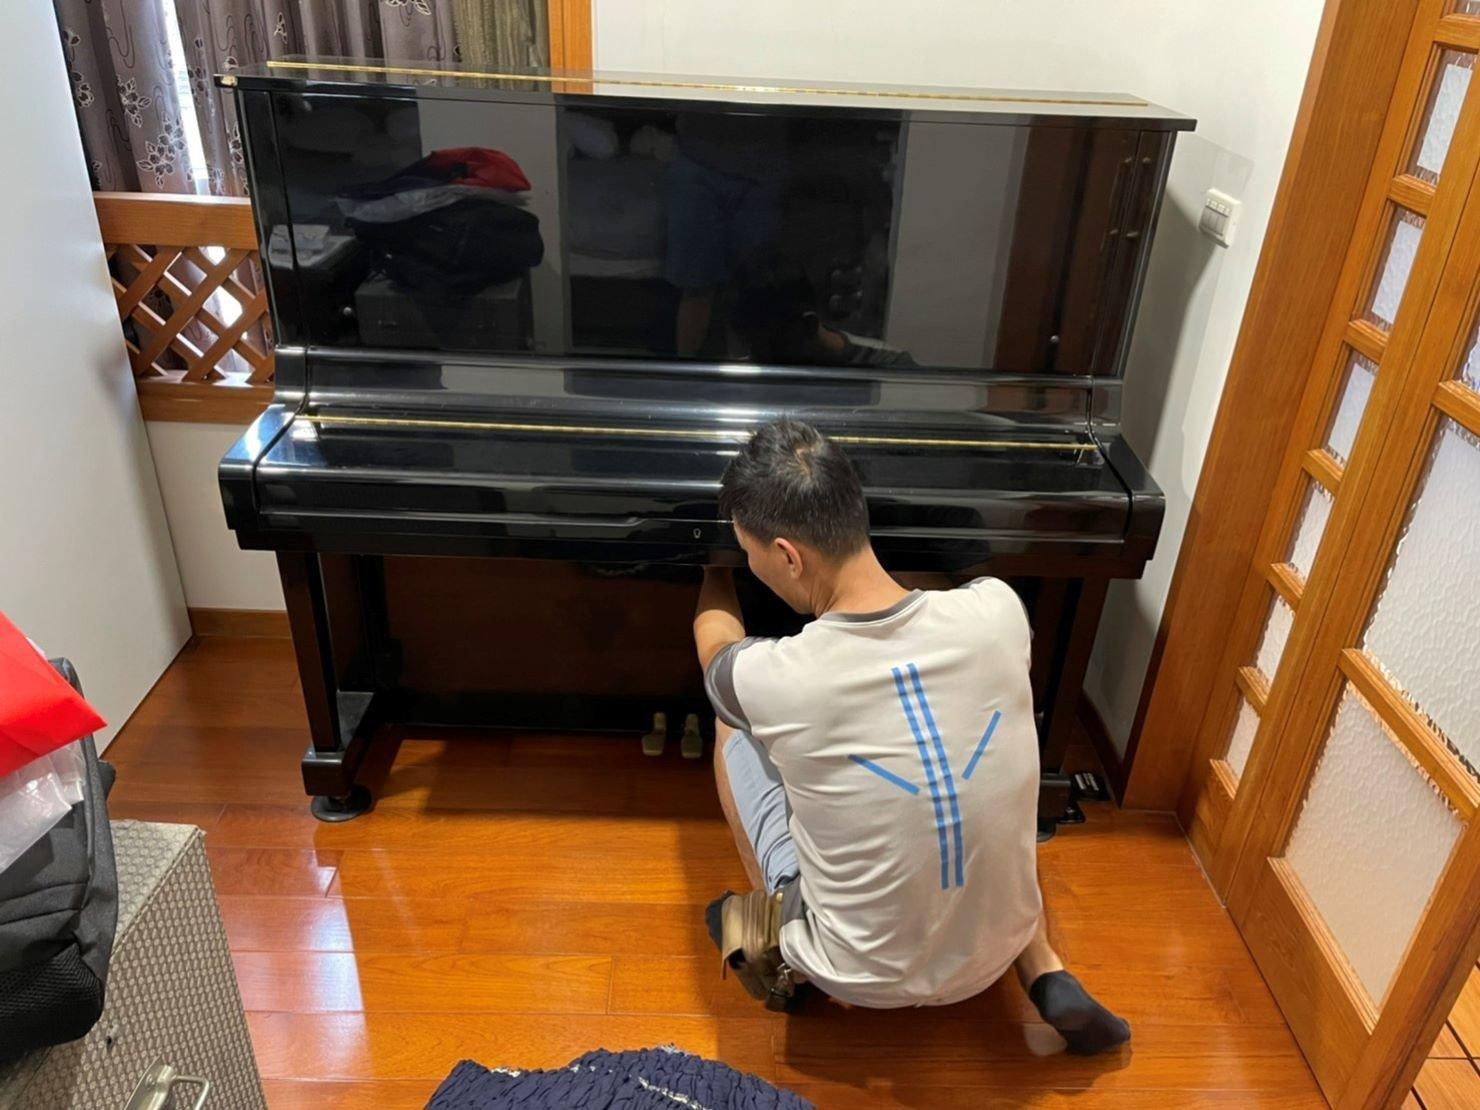 搬家公司推薦【榮福搬家】搬遷好品質值得您的信賴與選擇:鋼琴搬運-搬運前會先以伸縮保護布套將鋼琴妥善包覆,避免碰撞、刮傷。